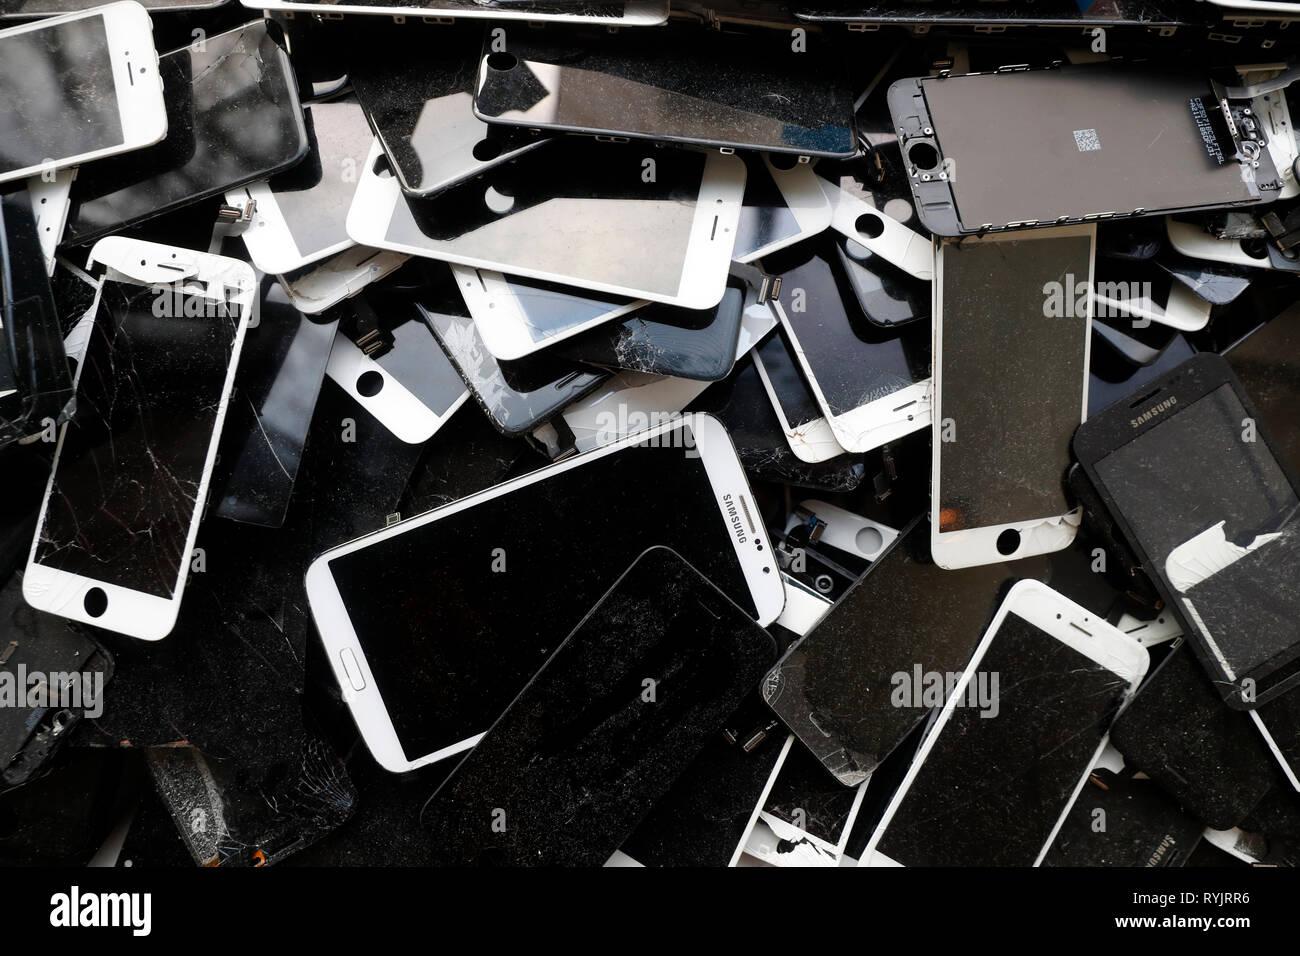 Le recyclage mobile et téléphones intelligents. Molde. La Norvège. Photo Stock